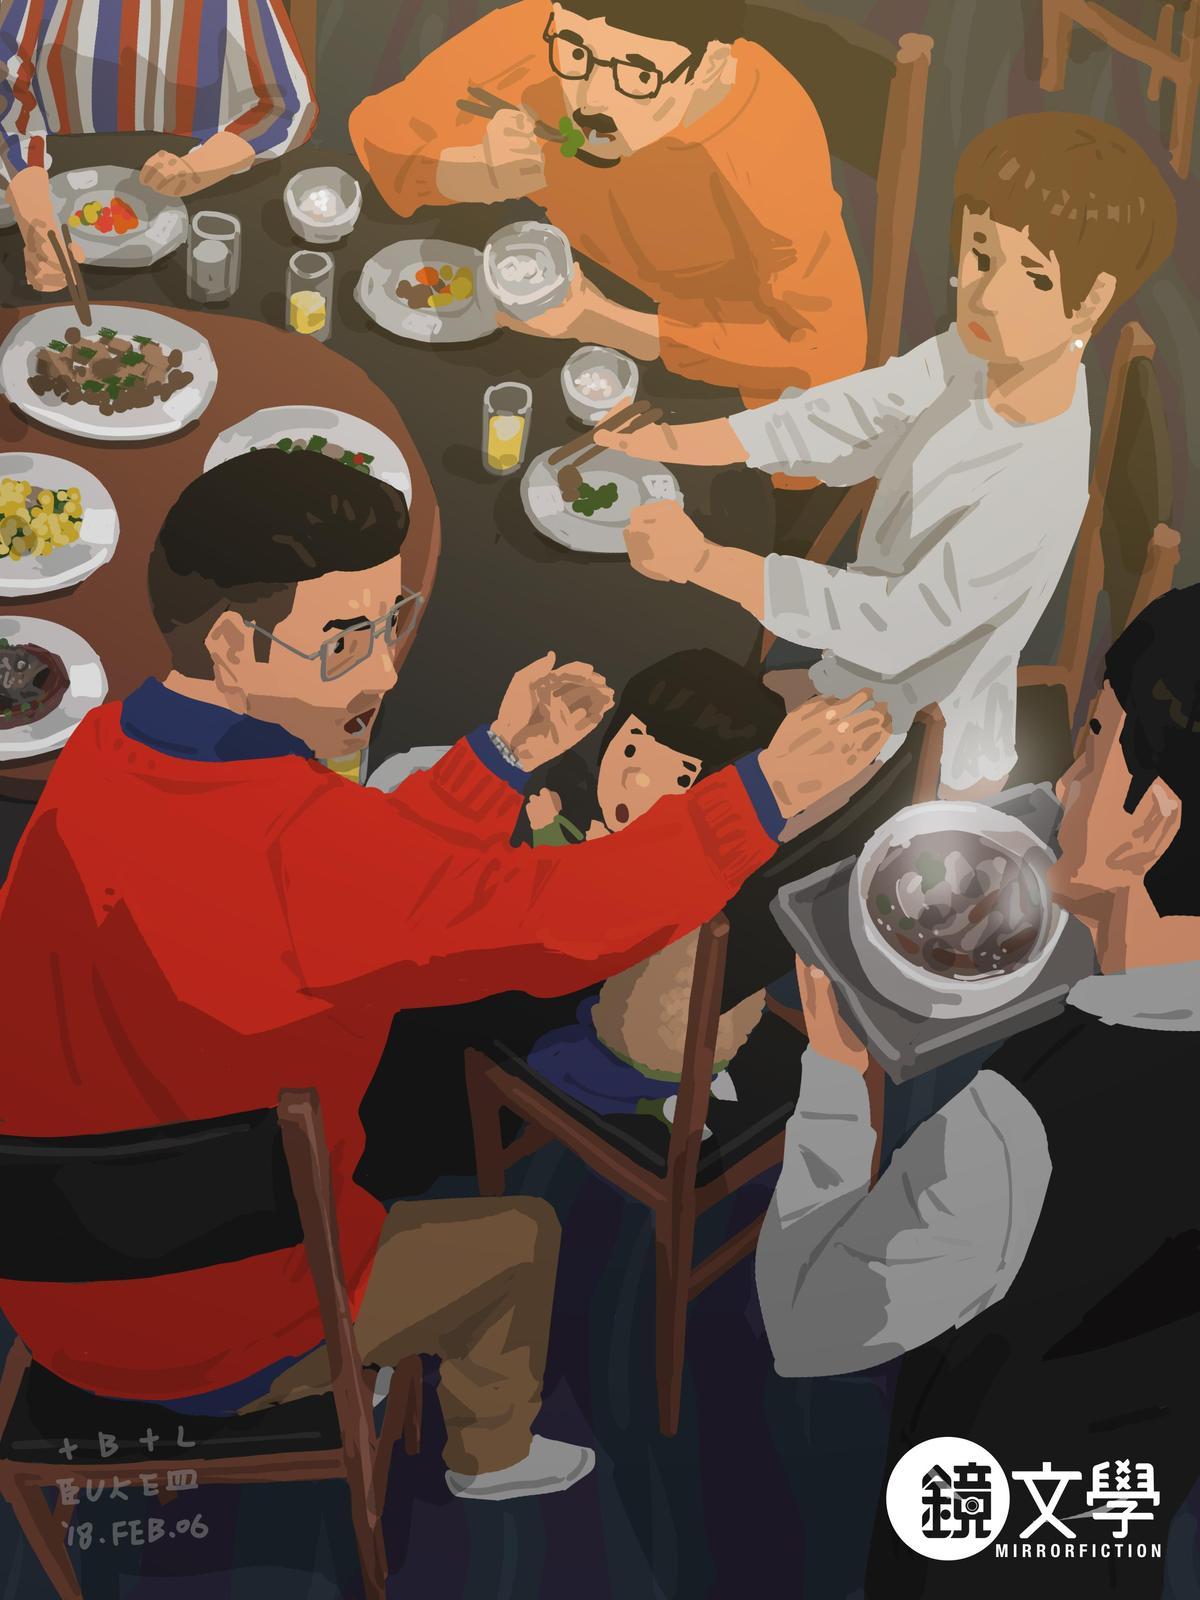 《單親爸爸週記─罵服務員》善良敦厚的Blue,為照顧用餐,若遇到粗心大意的服務生就會扮起黑臉。(鏡文學提供)